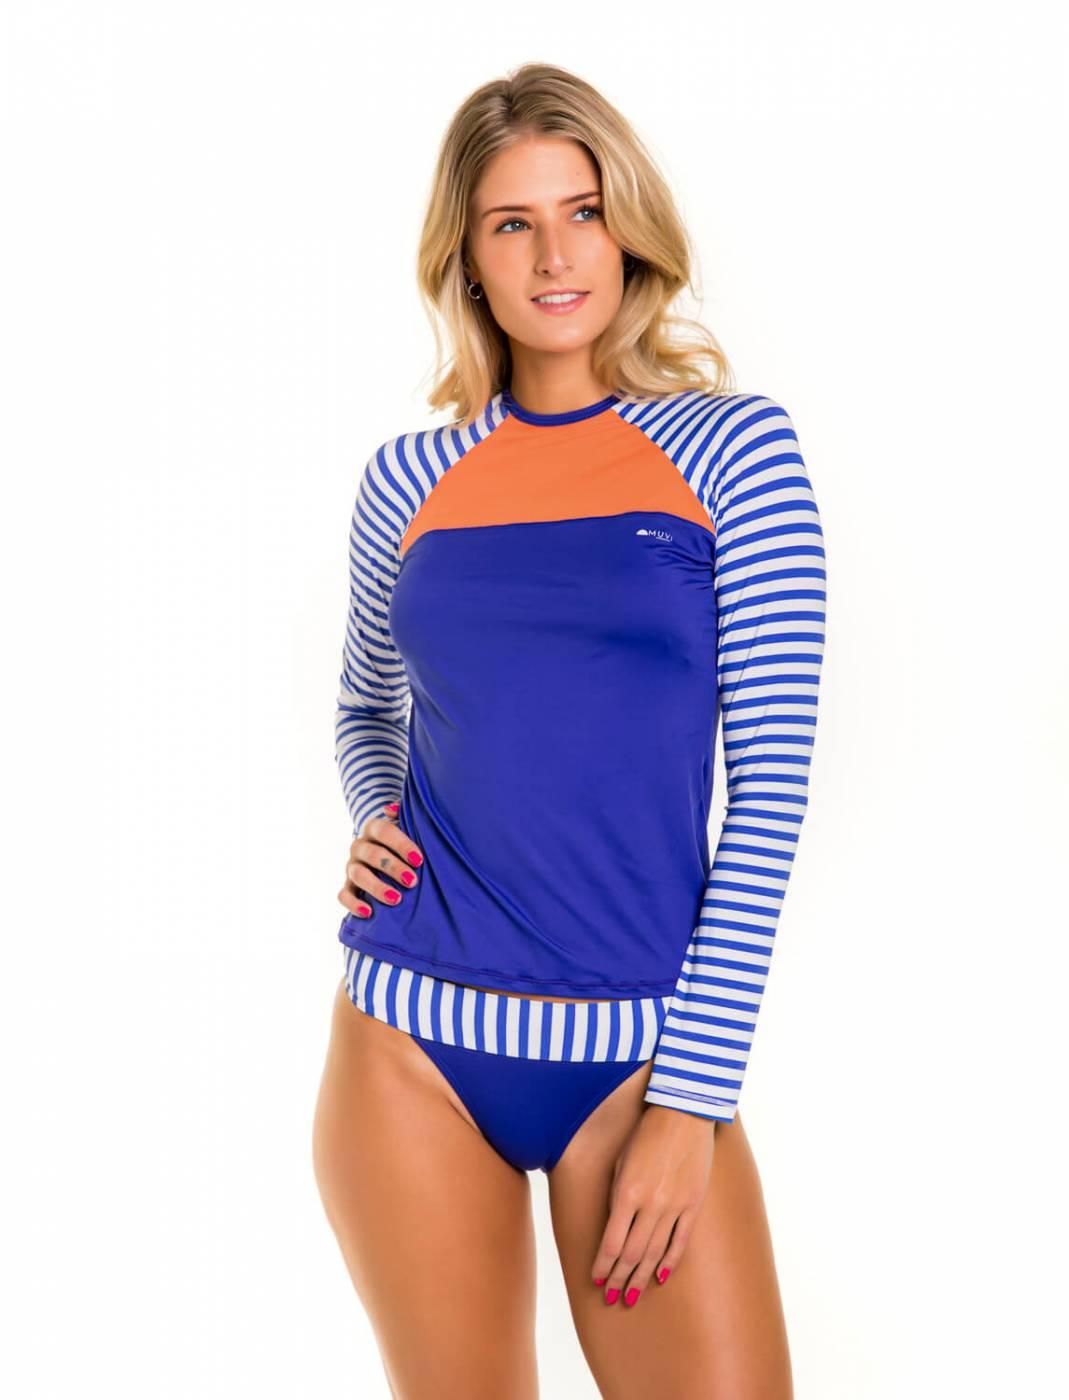 Camisa Feminina Slim Proteção Solar FPU50+ Muvi - Canggu